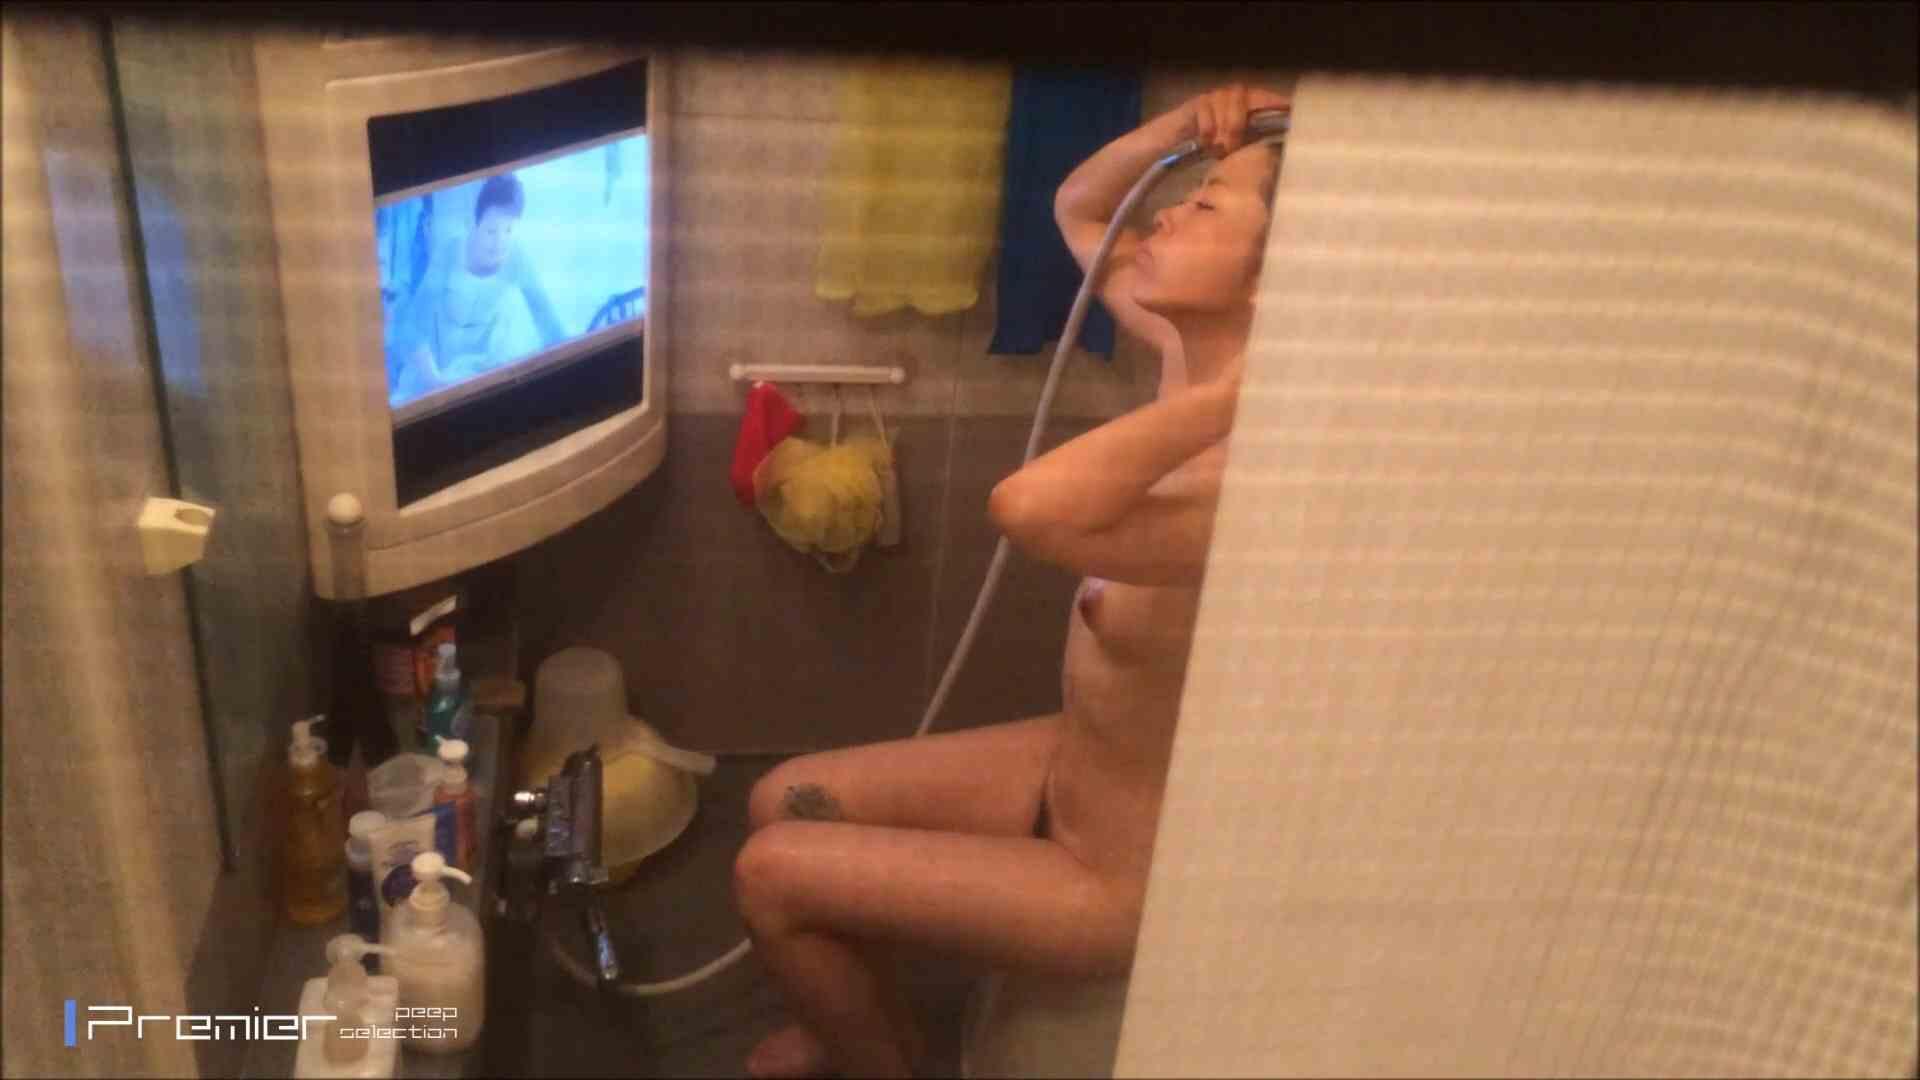 美女のテレビを見ながらの入浴 乙女の風呂場 Vol.21 ギャル攻め AV動画キャプチャ 111画像 17